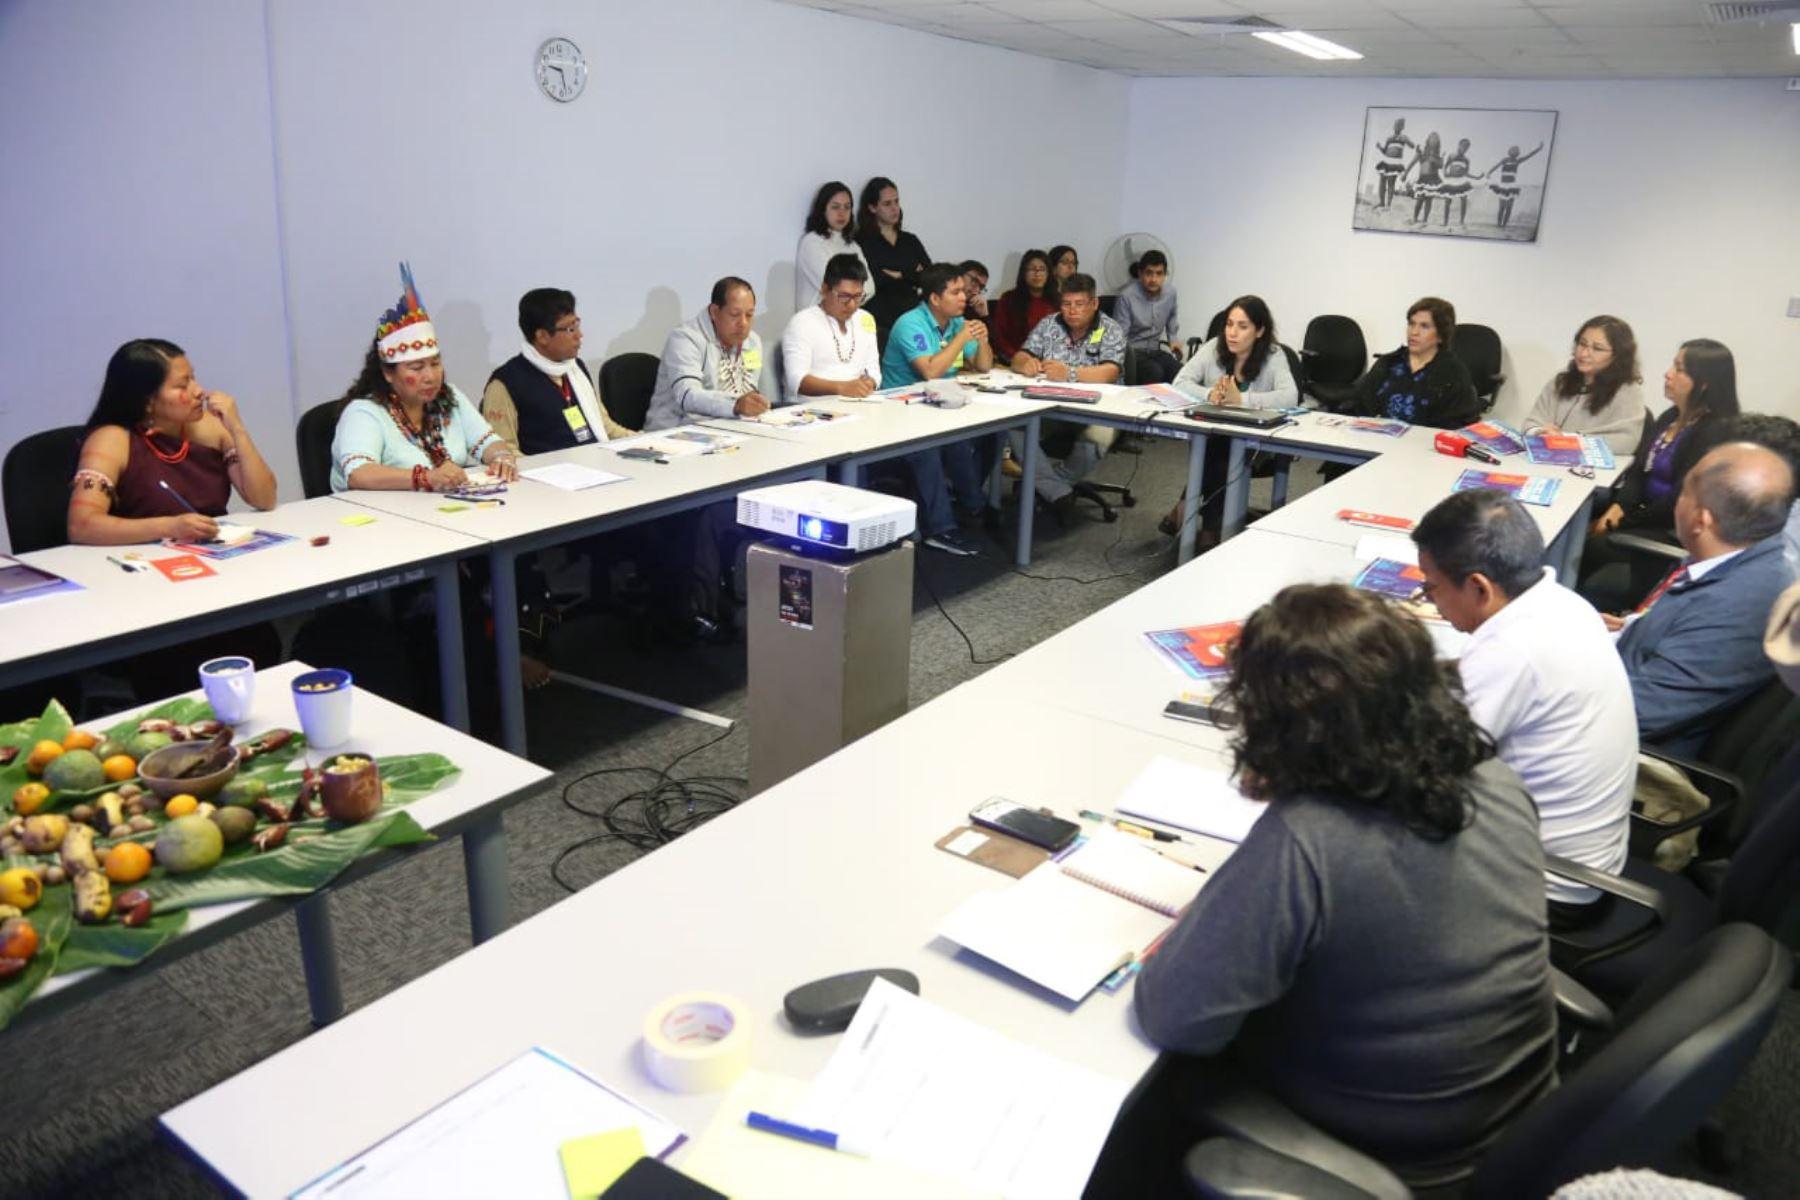 Hasta este viernes, intérpretes y enlaces de campo del Ministerio de Cultura que laboran en los departamentos de Ucayali y Loreto participarán en taller de interculturalidad.